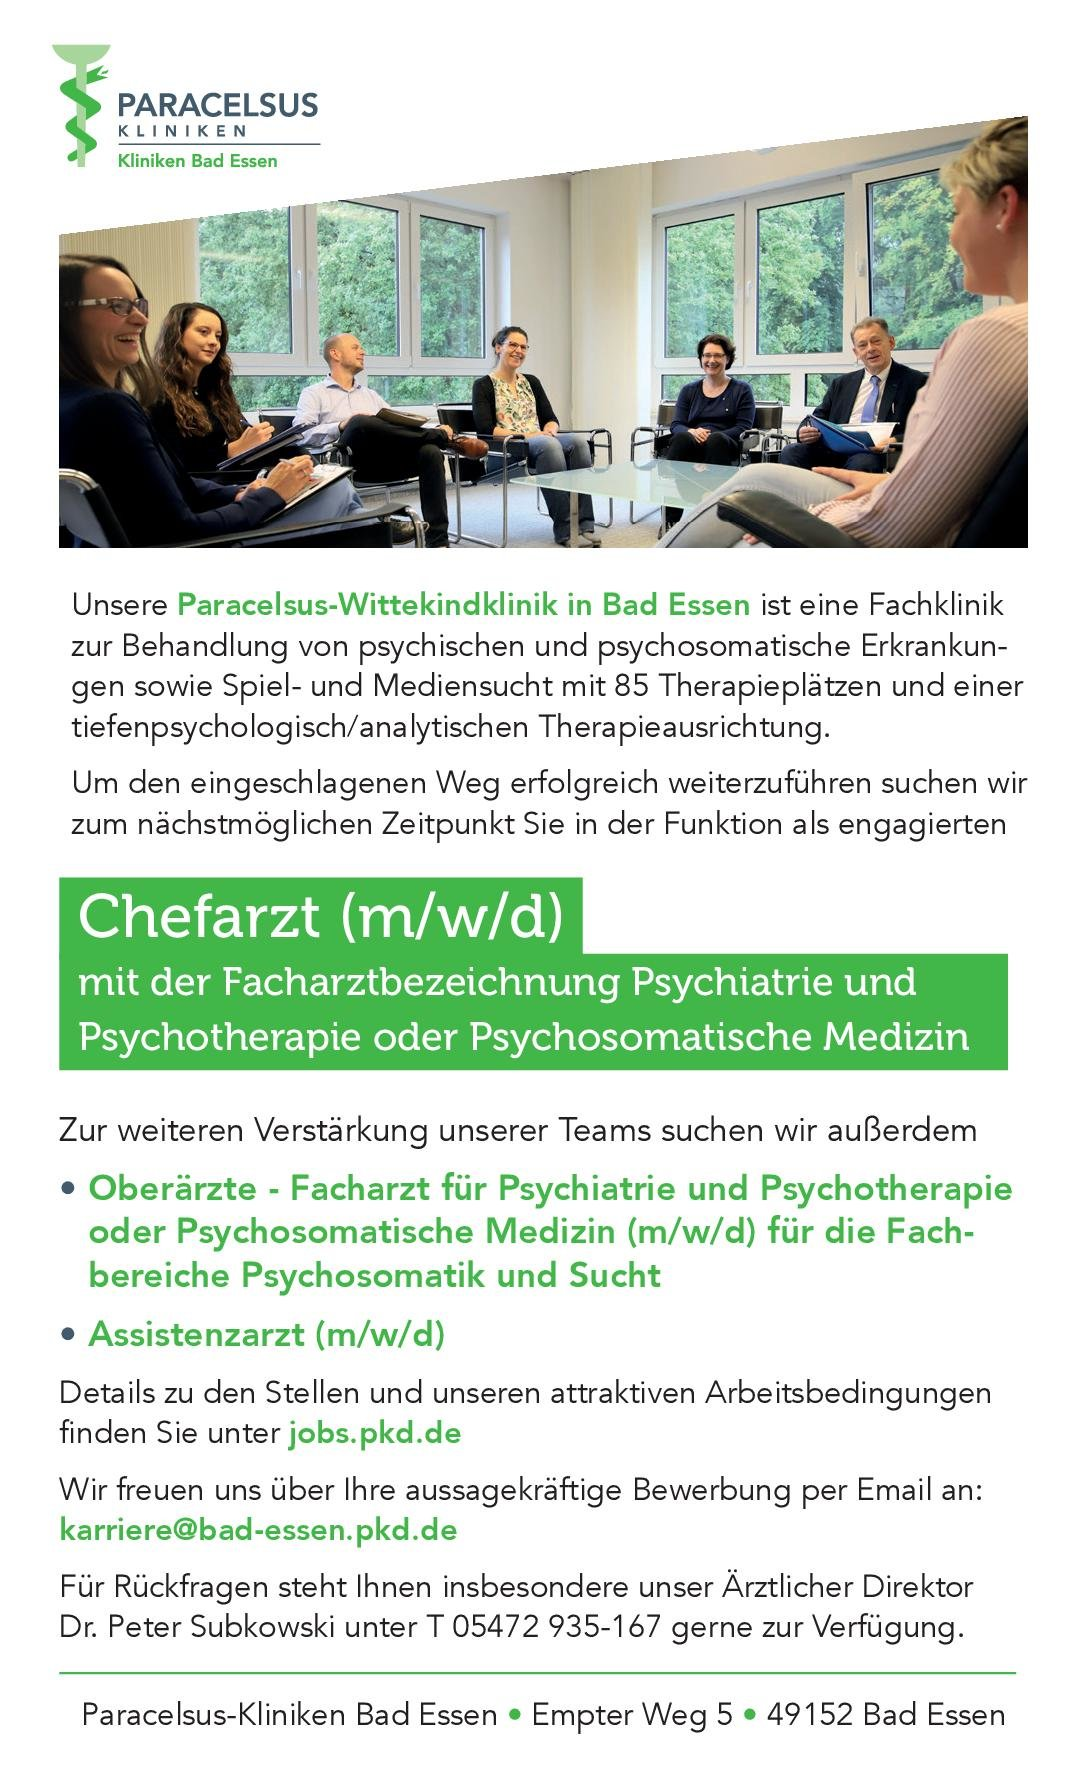 Paracelsus Kliniken Chefarzt (m/w/d) mit der Facharztbezeichnung Psychiatrie und Psychotherapie oder Psychosomatische Medizin  Psychiatrie und Psychotherapie, Psychiatrie und Psychotherapie, Psychosomatische Medizin und Psychotherapie Chefarzt